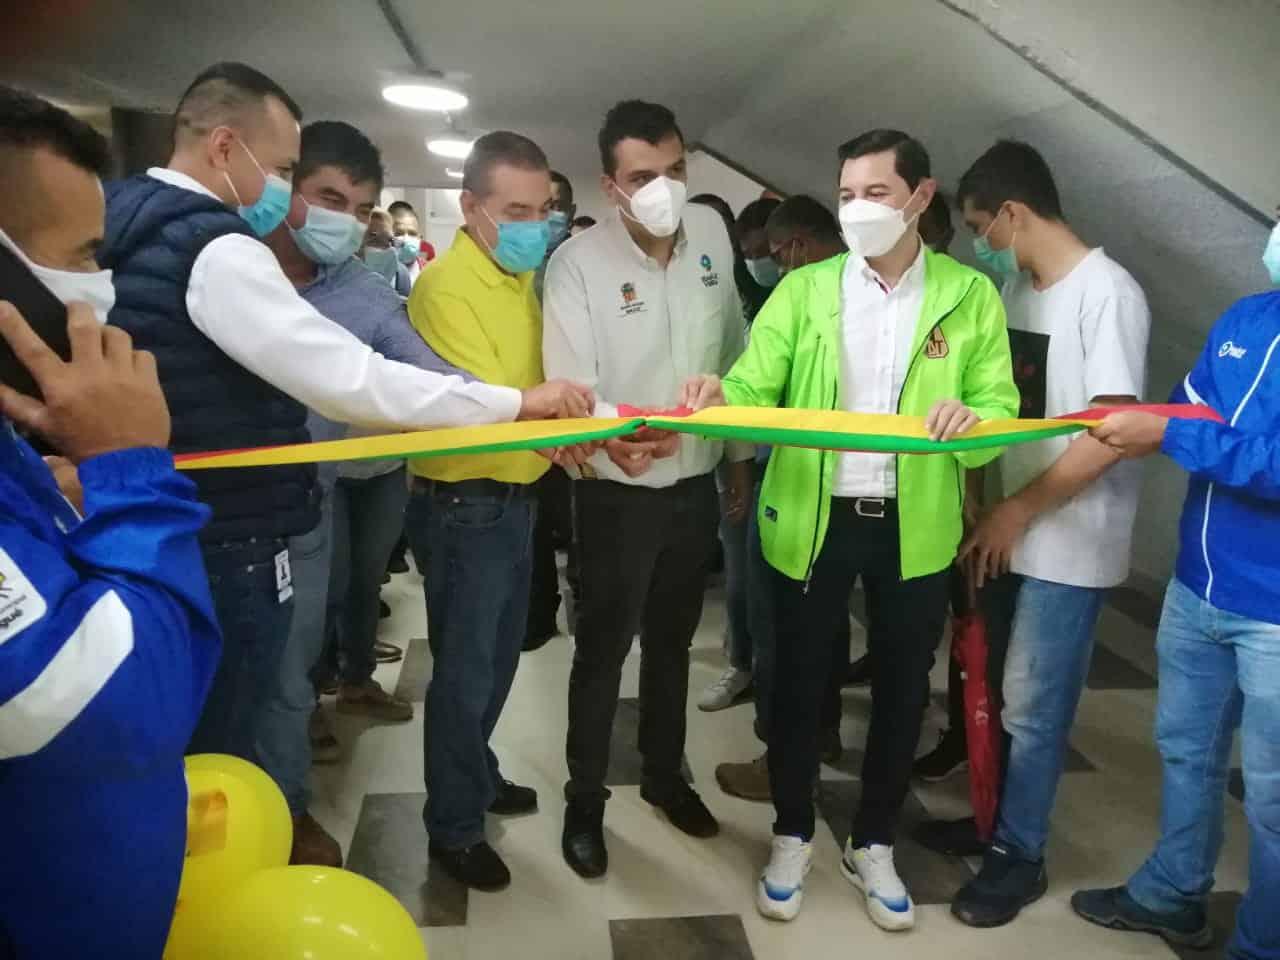 Alcalde Andrés Hurtado inauguró las nuevas obras del estadio Manuel Murillo Toro. 1